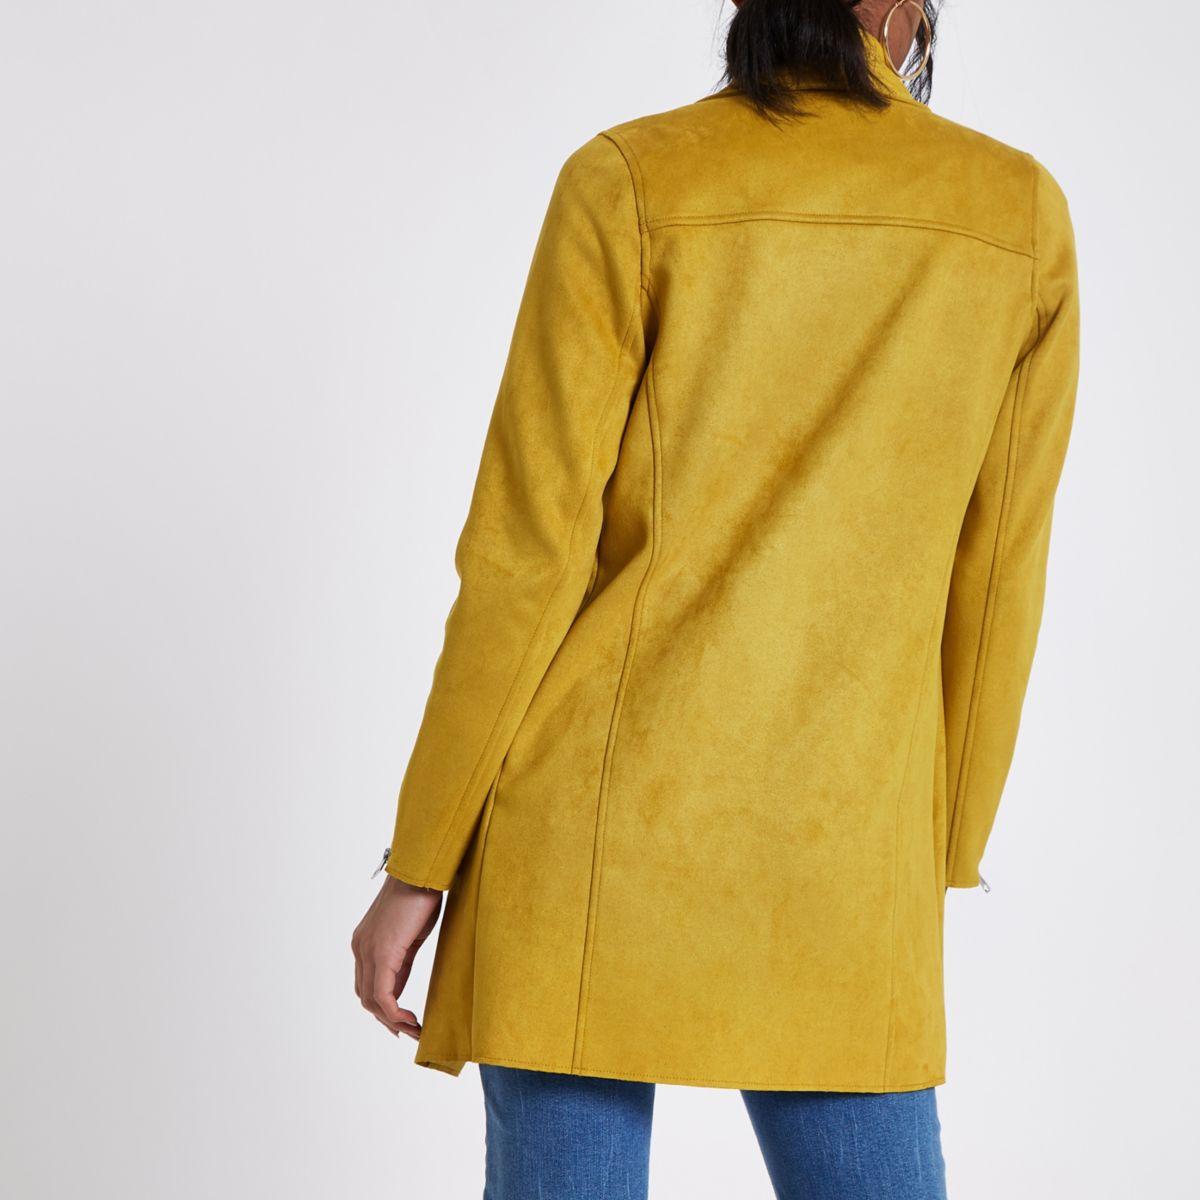 Yellow Faux Suede Longline Fallaway Jacket by River Island